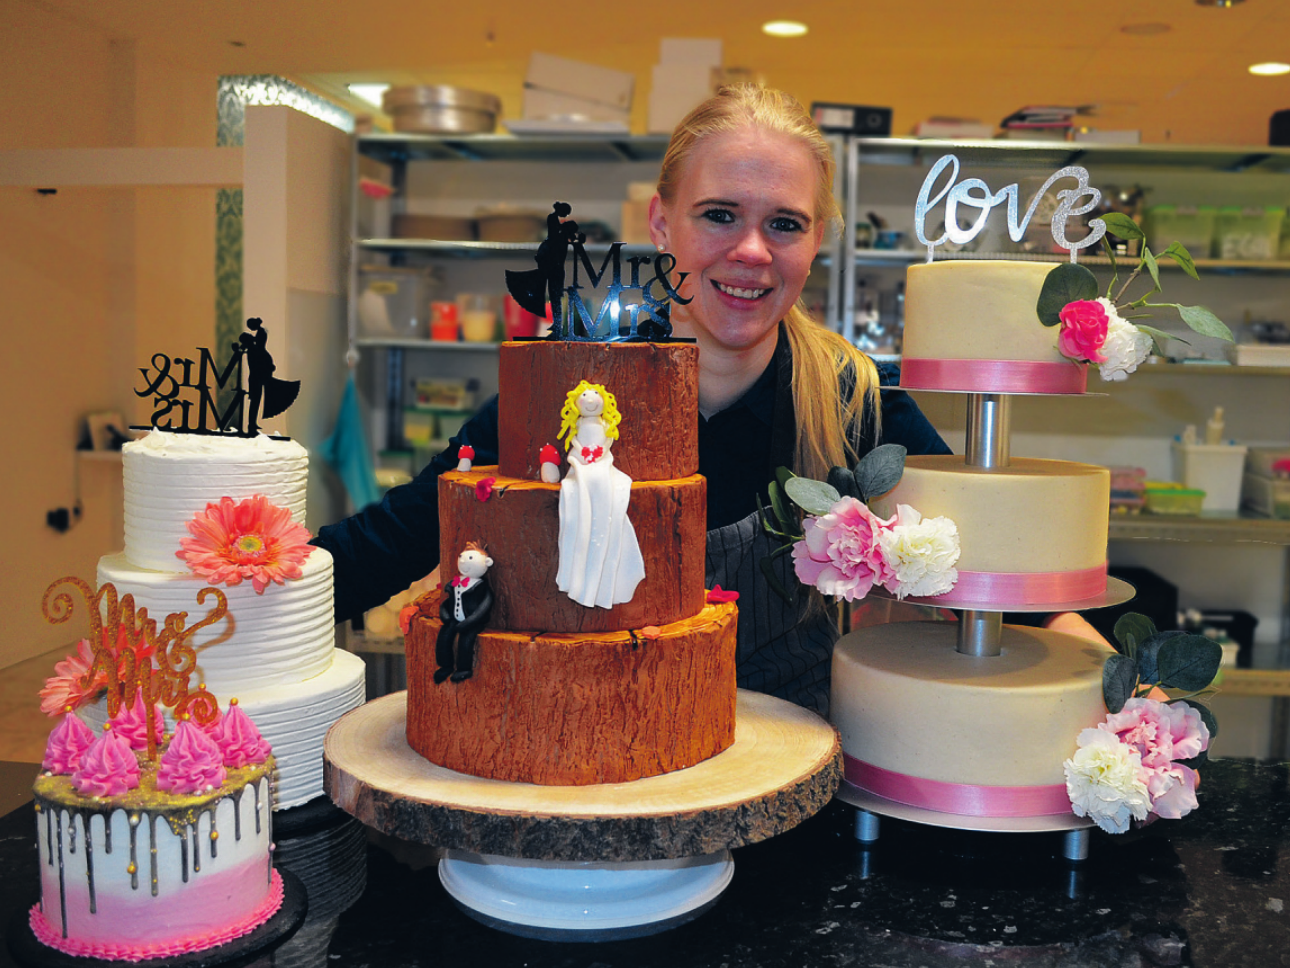 """Im November besuchte die junge Konditormeisterin Sarah Zimmermann das erste Mal die """"Cake International"""" in Birmingham und brachte zahlreiche neue Ideen mit nach Reinbek Fotos: Dörte Hoffmann"""